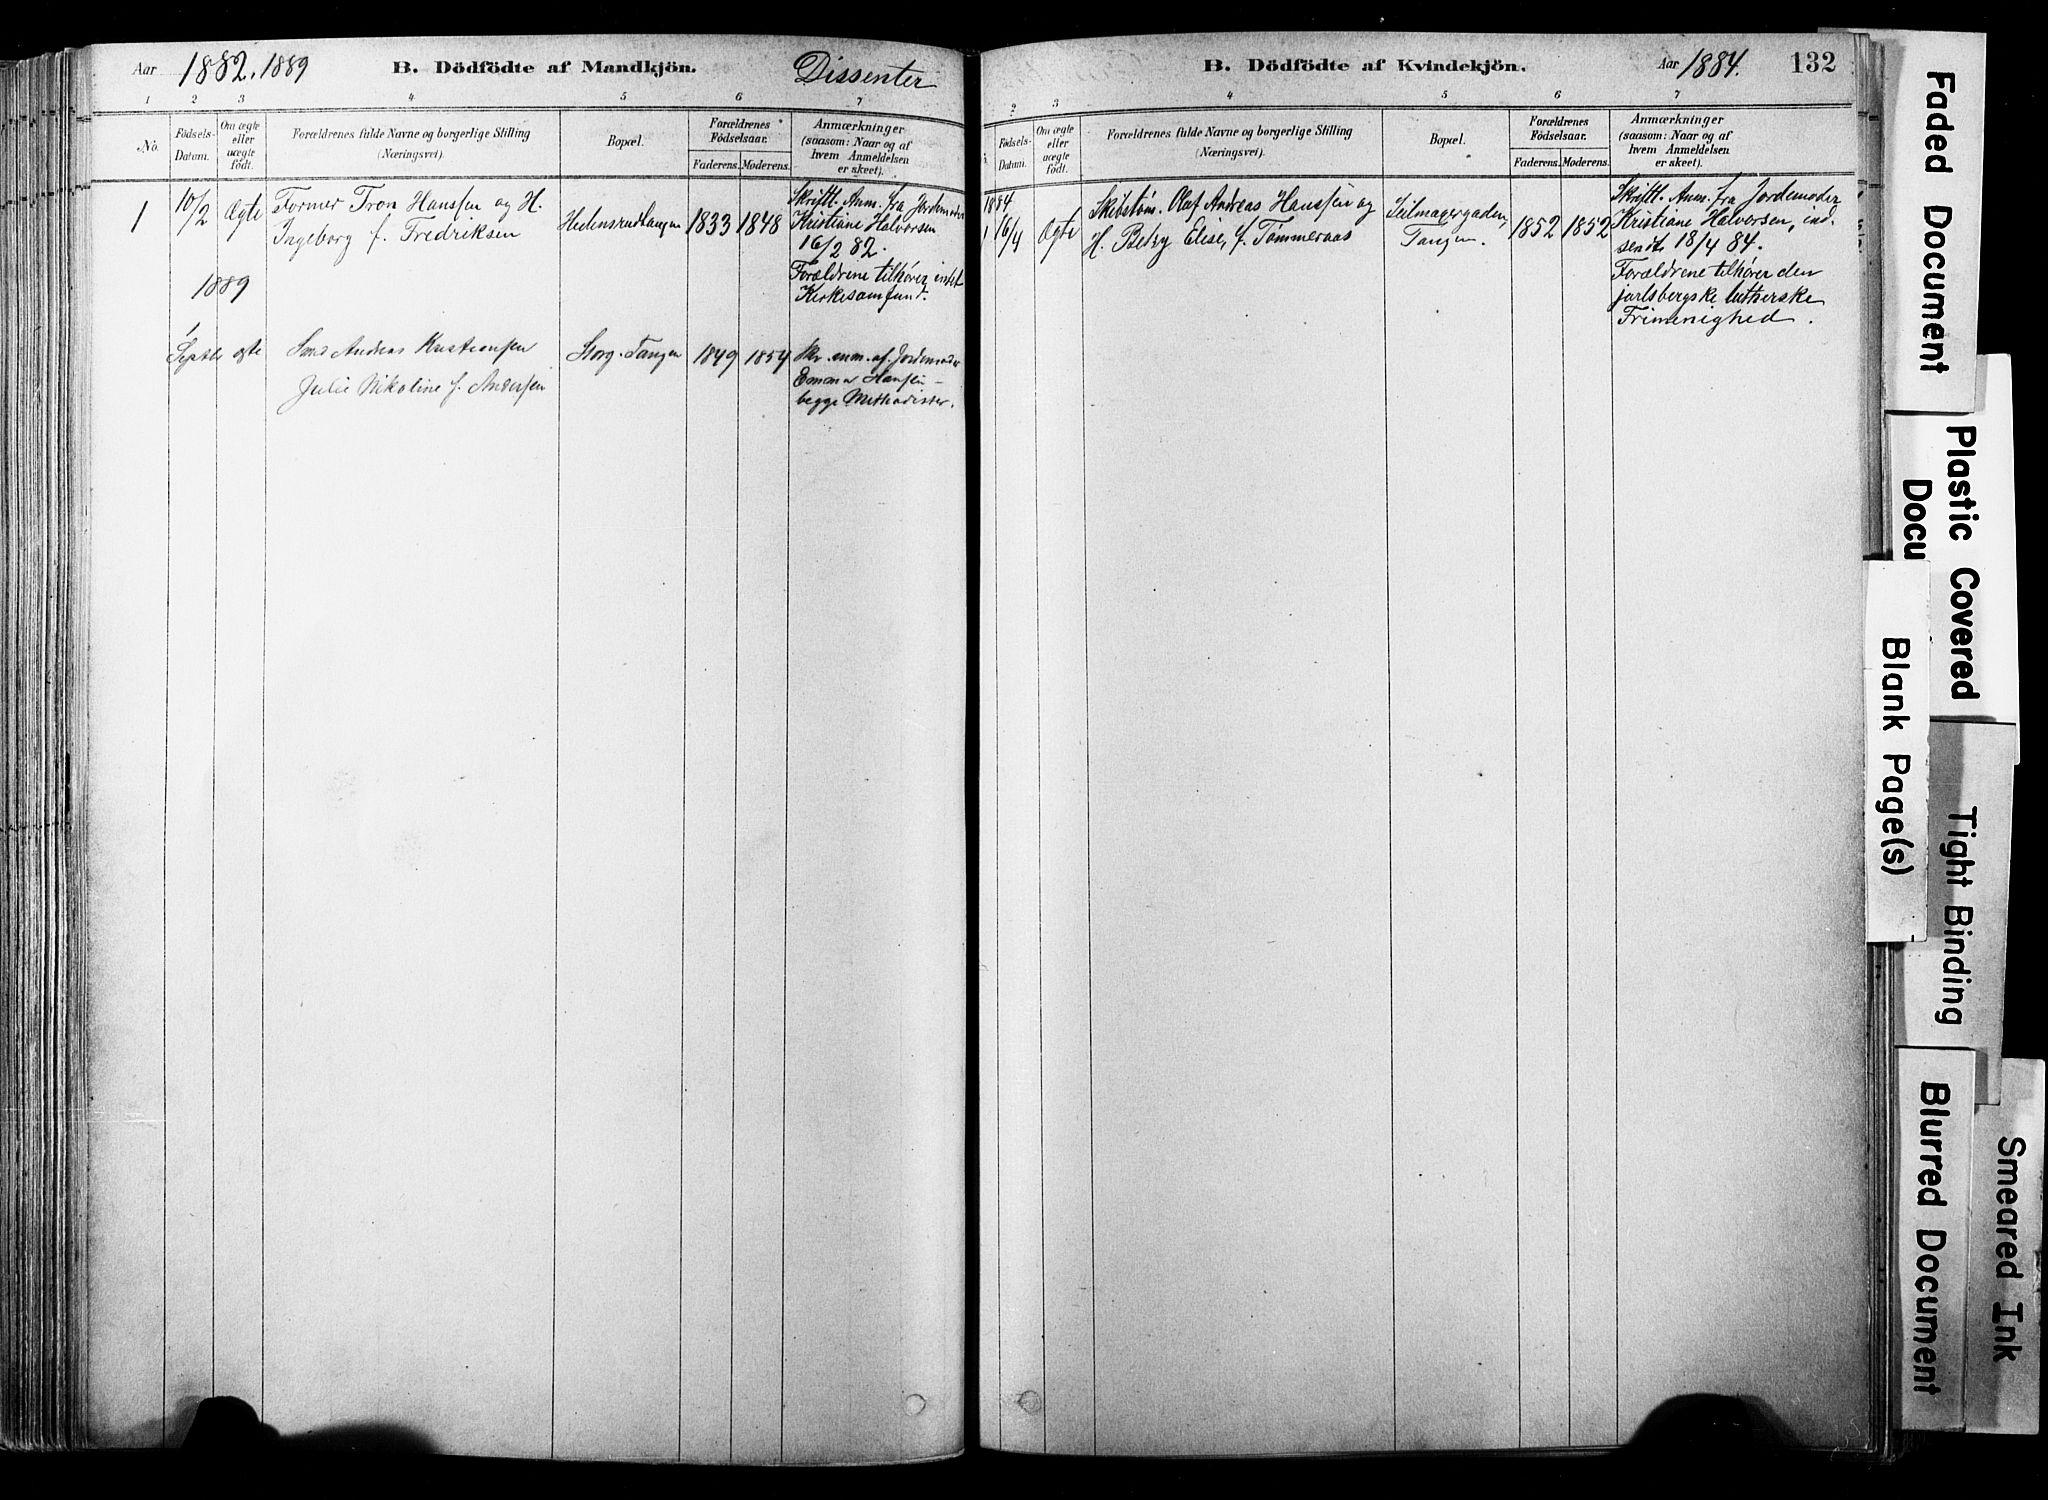 SAKO, Strømsø kirkebøker, F/Fb/L0006: Ministerialbok nr. II 6, 1879-1910, s. 132